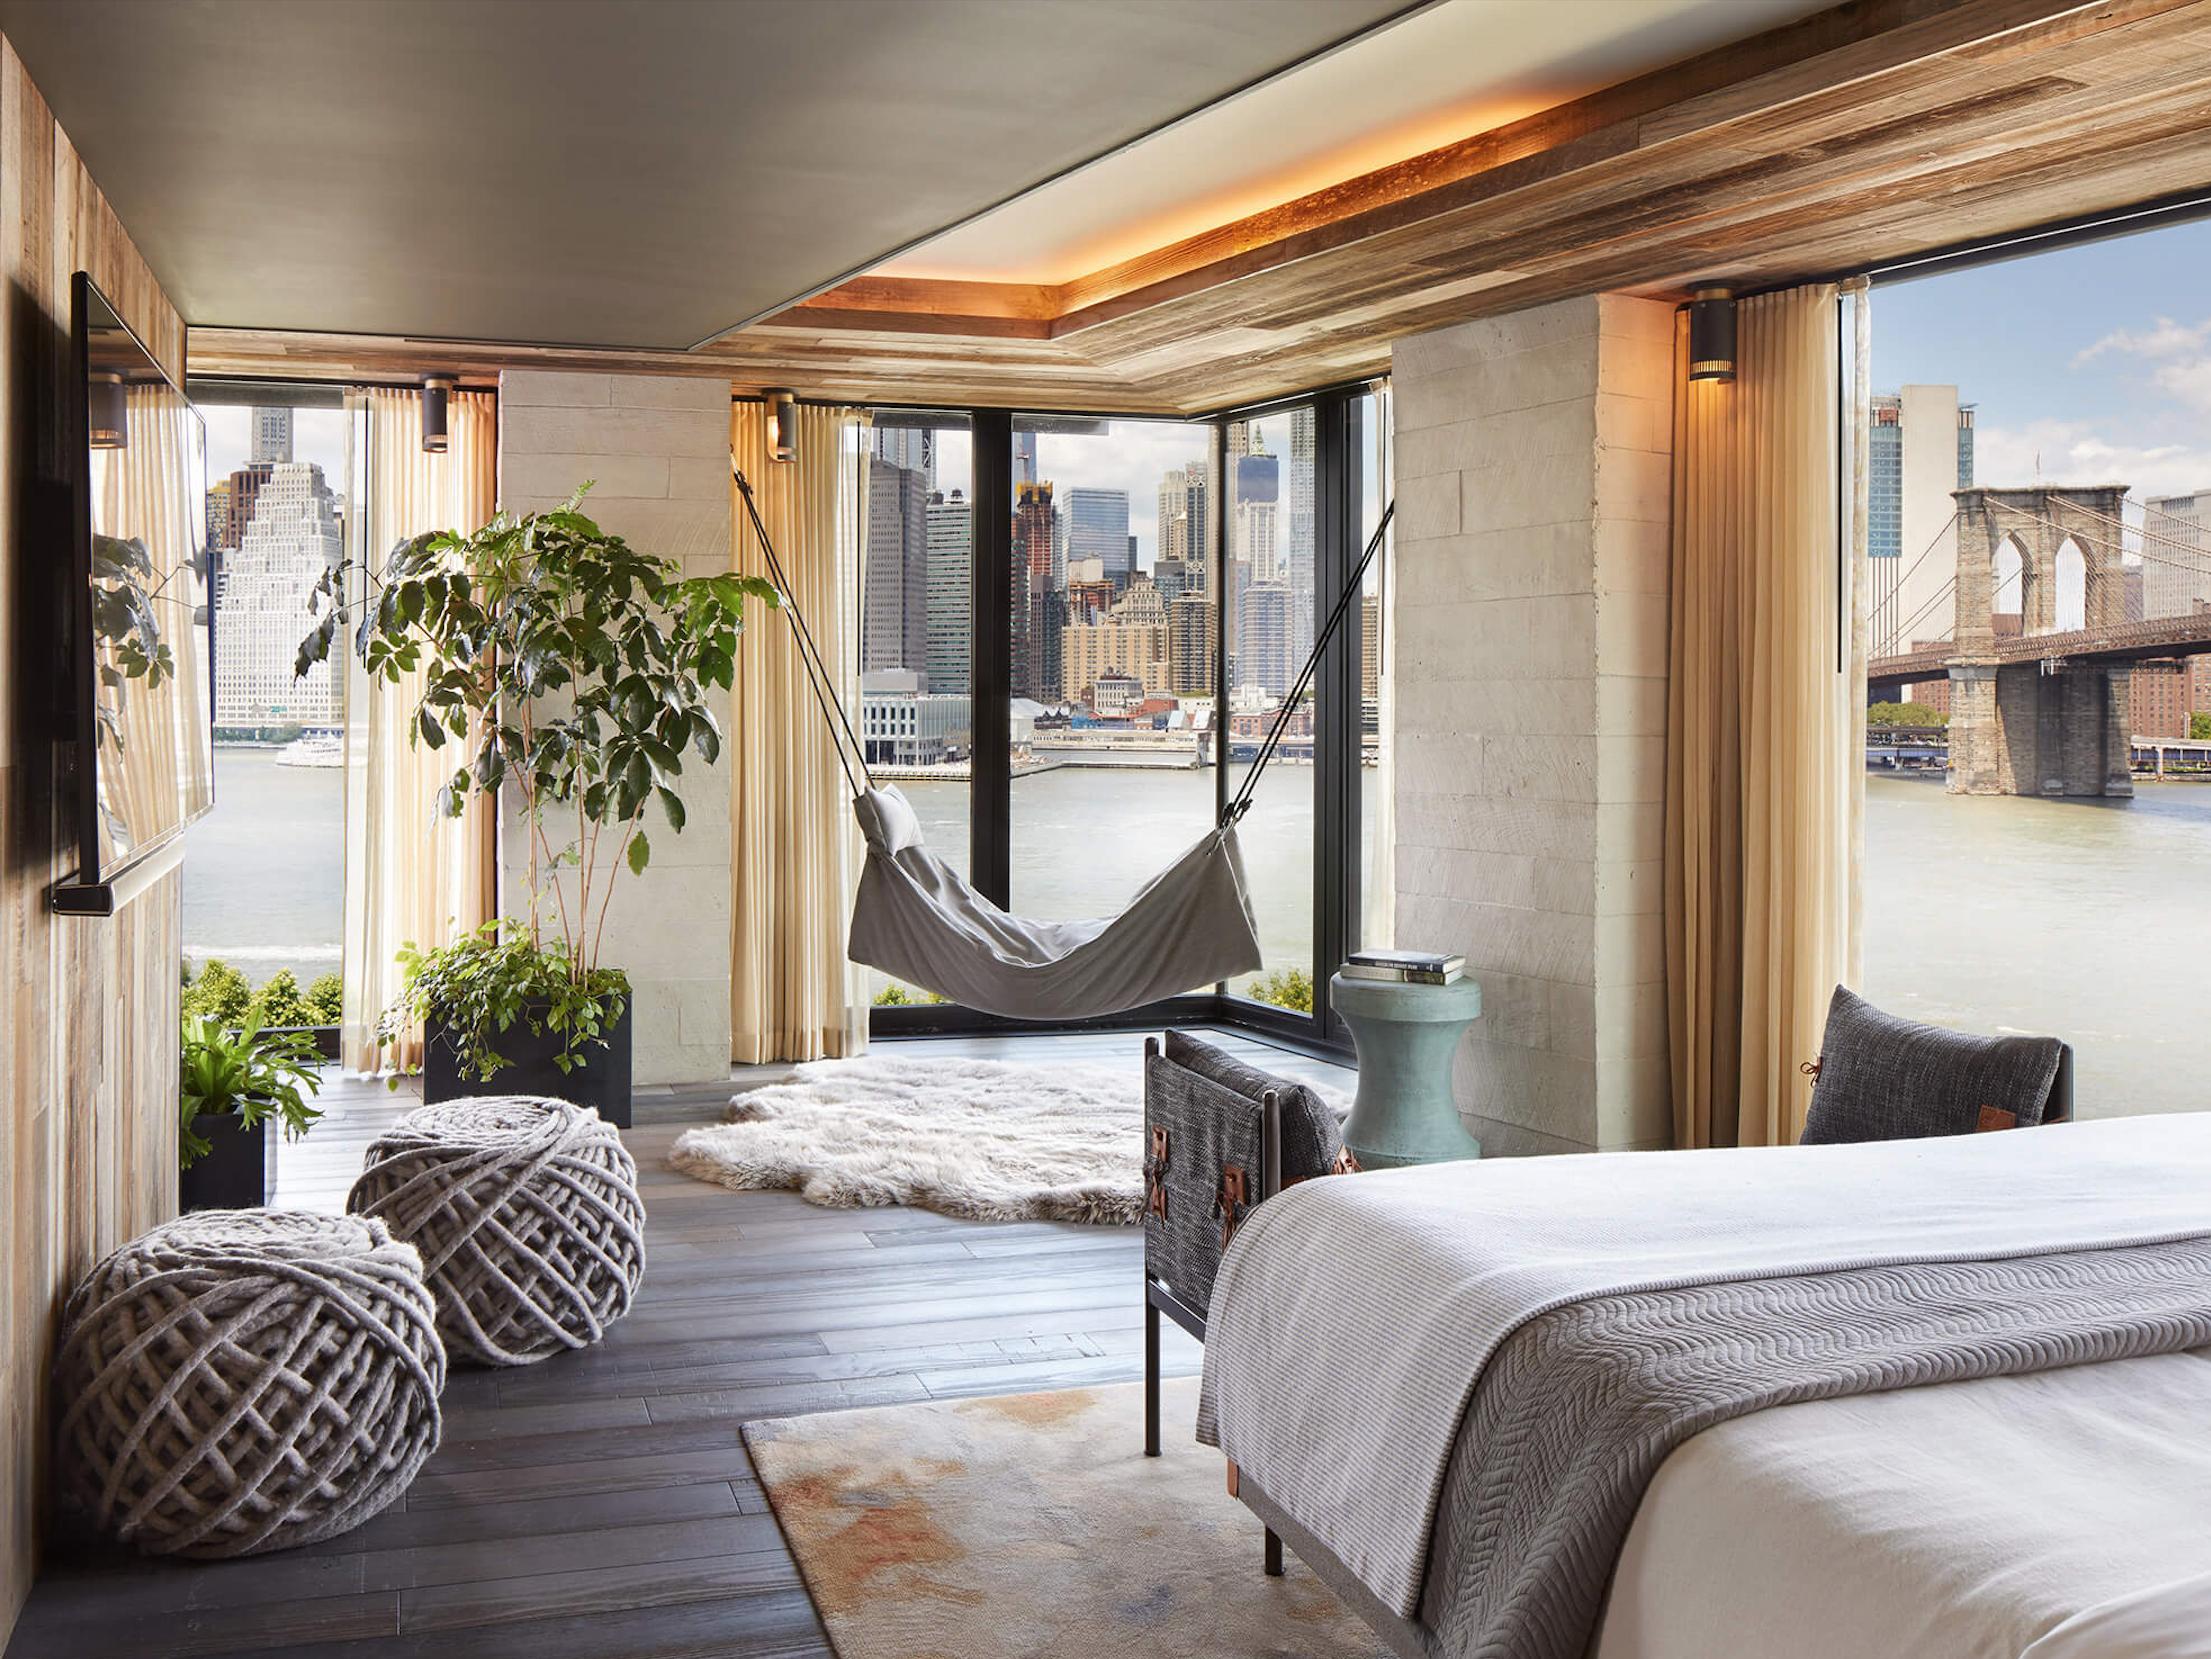 1 Hotel Brooklyn Bridge✩✩✩✩ - Номера с видом: Skyline и BridgeОт $250 за ночь(В зависимости от сезона)Район: Бруклин